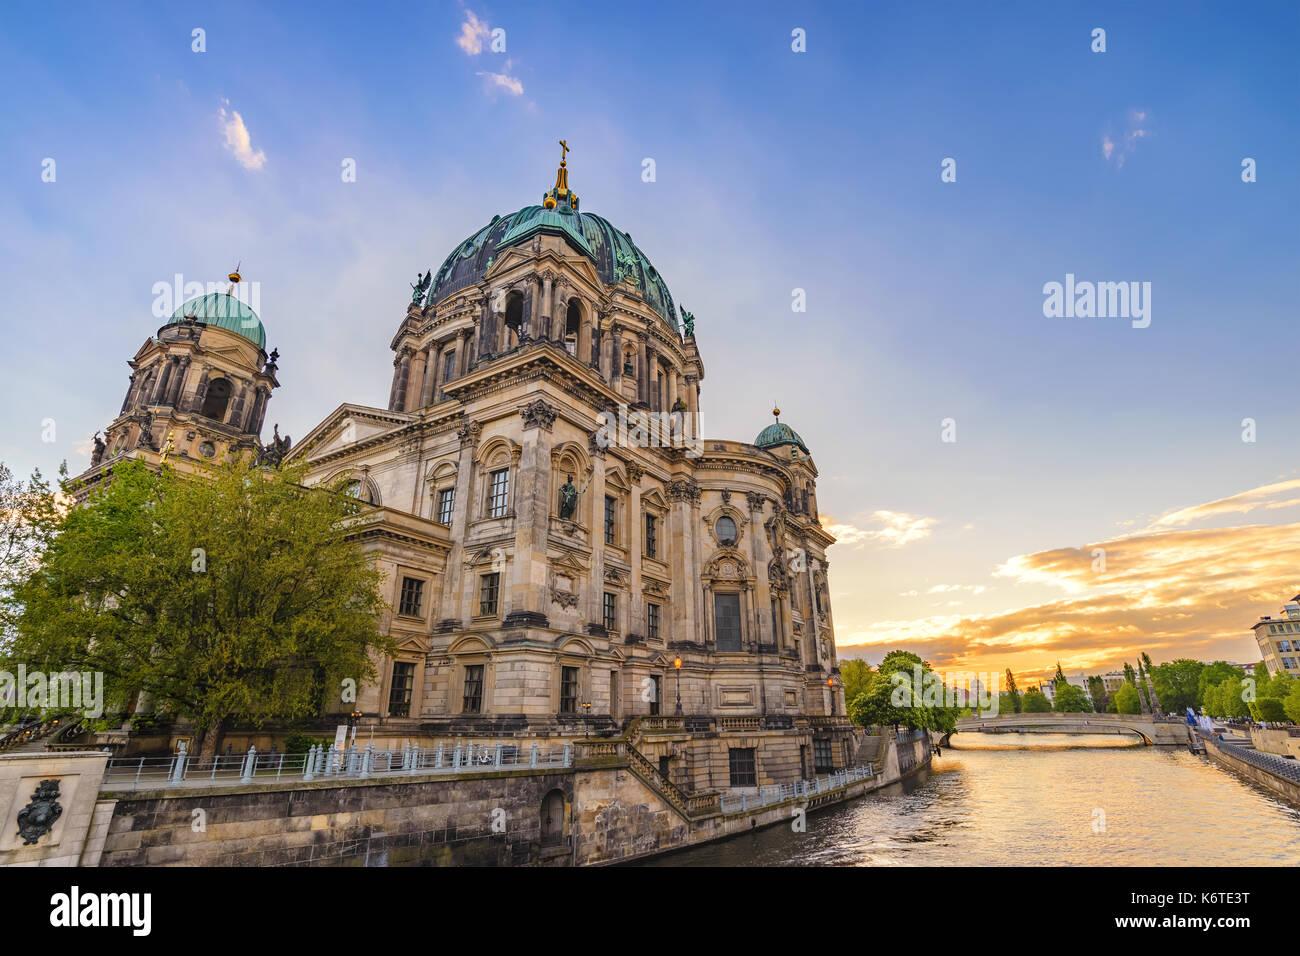 Puesta de sol en el horizonte de la ciudad de Berlín la catedral de Berlín (Berliner Dom), Berlín, Alemania Foto de stock